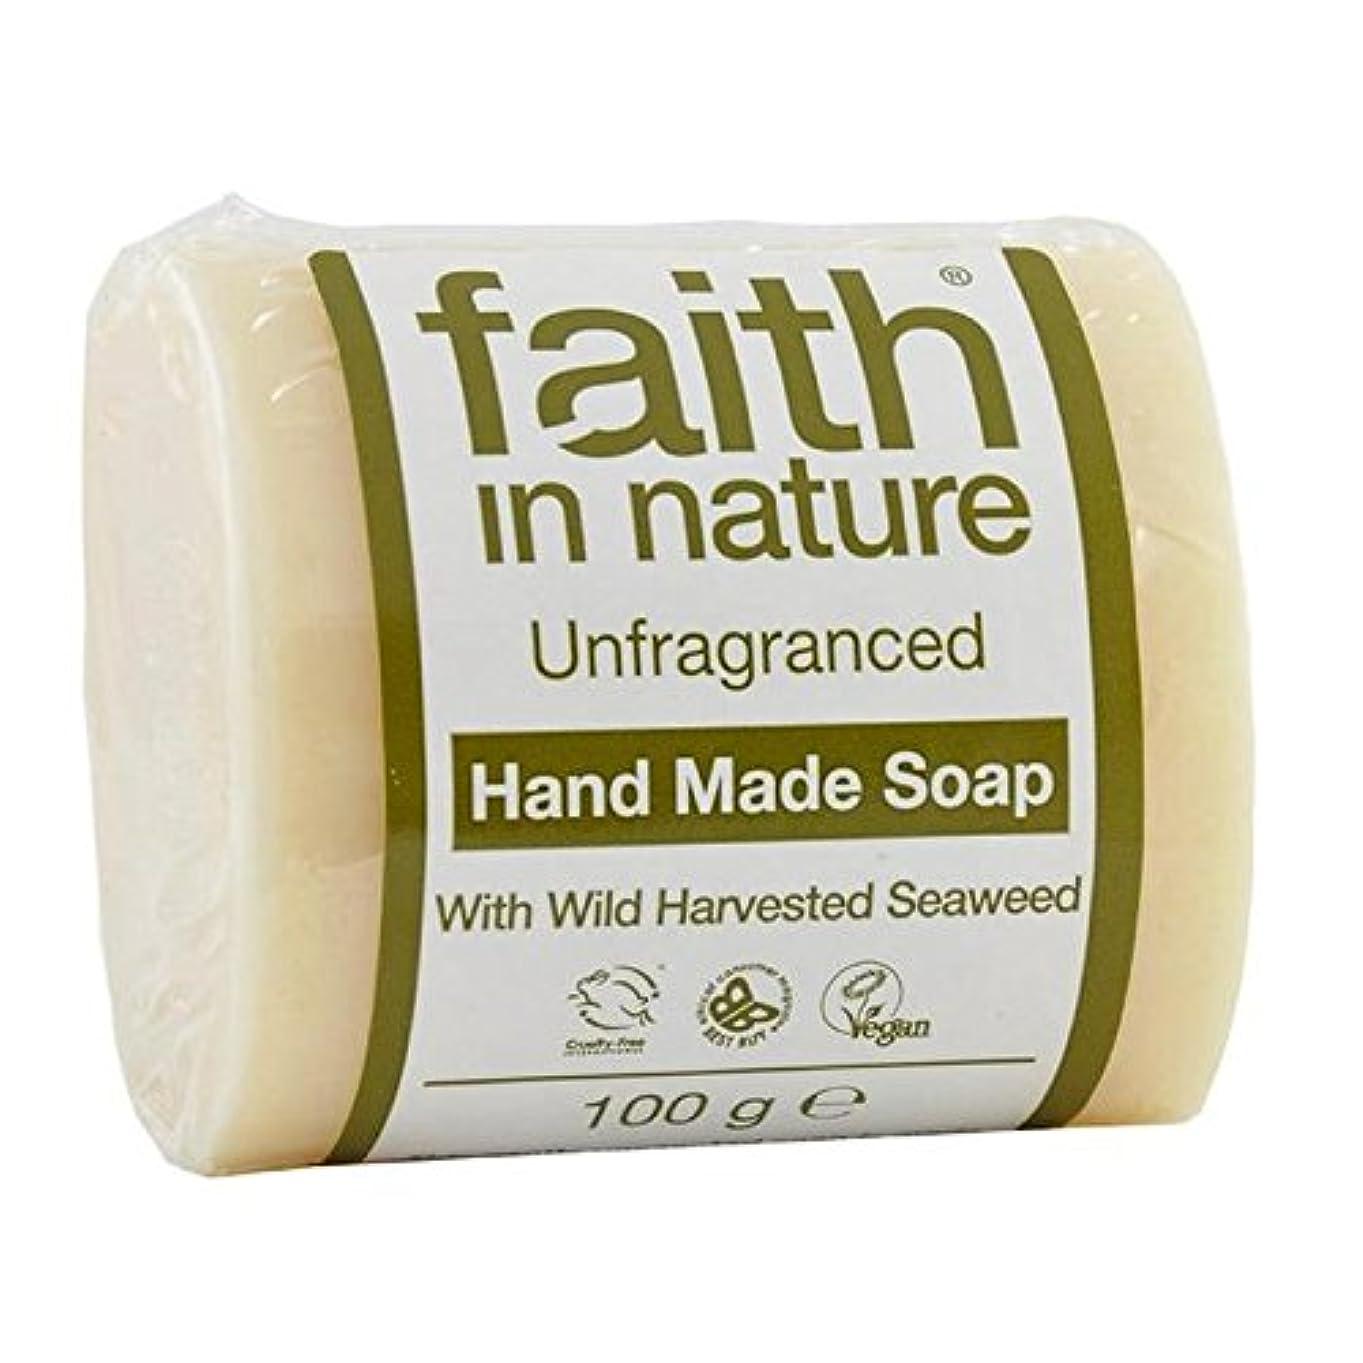 虫を数える汚れた同行Faith in Nature Unfragranced Pure Hand Made Soap 100g (Pack of 2) - (Faith In Nature) 自然の中で信仰は純粋な手作り石鹸100グラムを無香料...